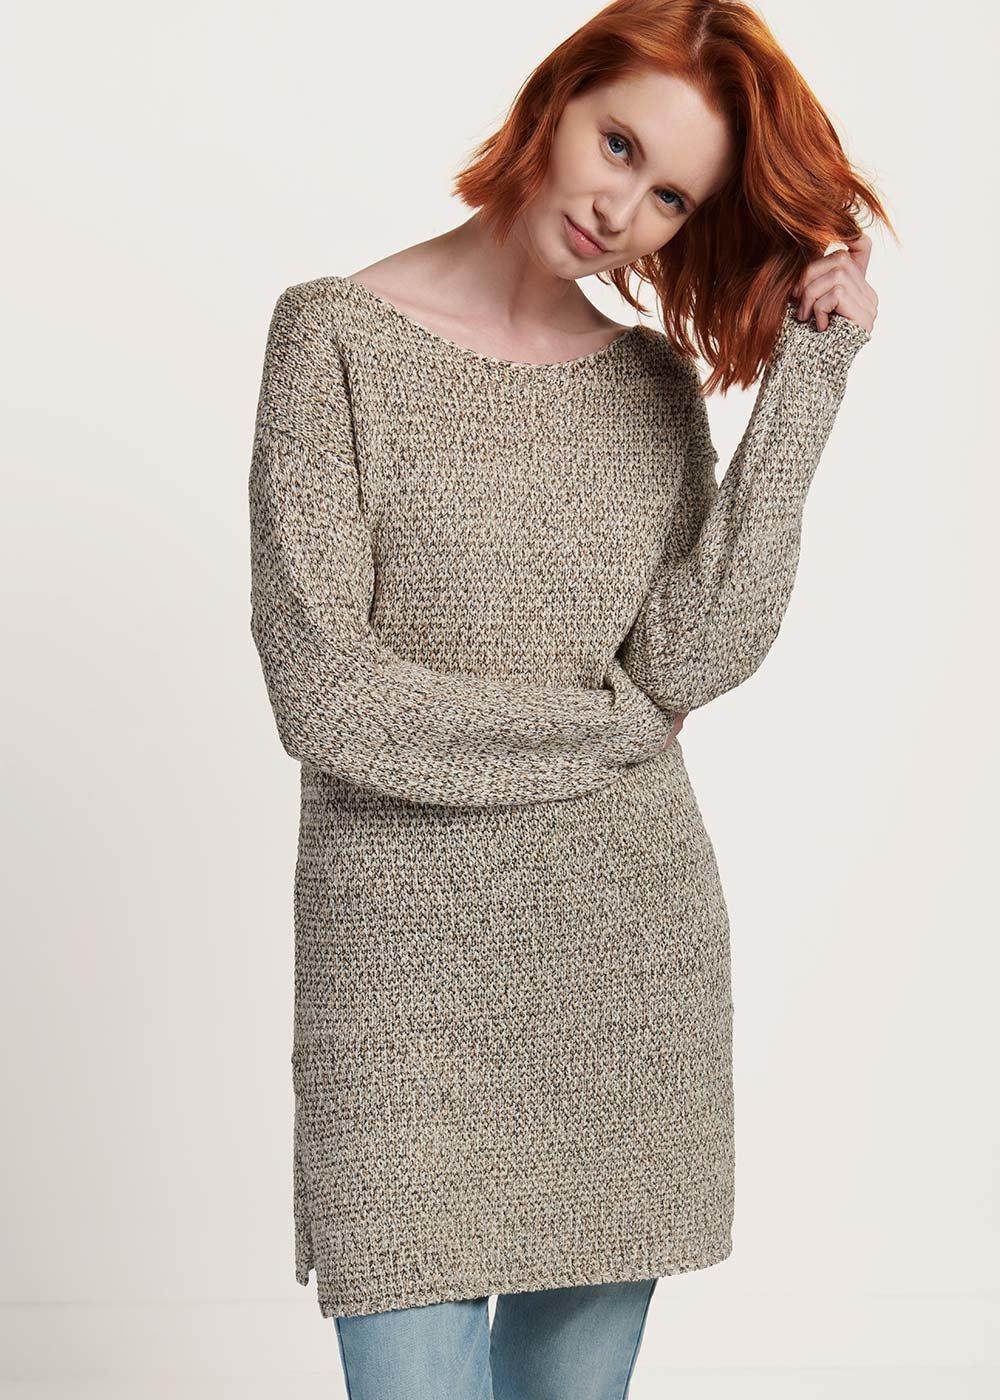 Mindy light beige cotton yarn sweater - Light Beige / Cannella Fantasia - Woman